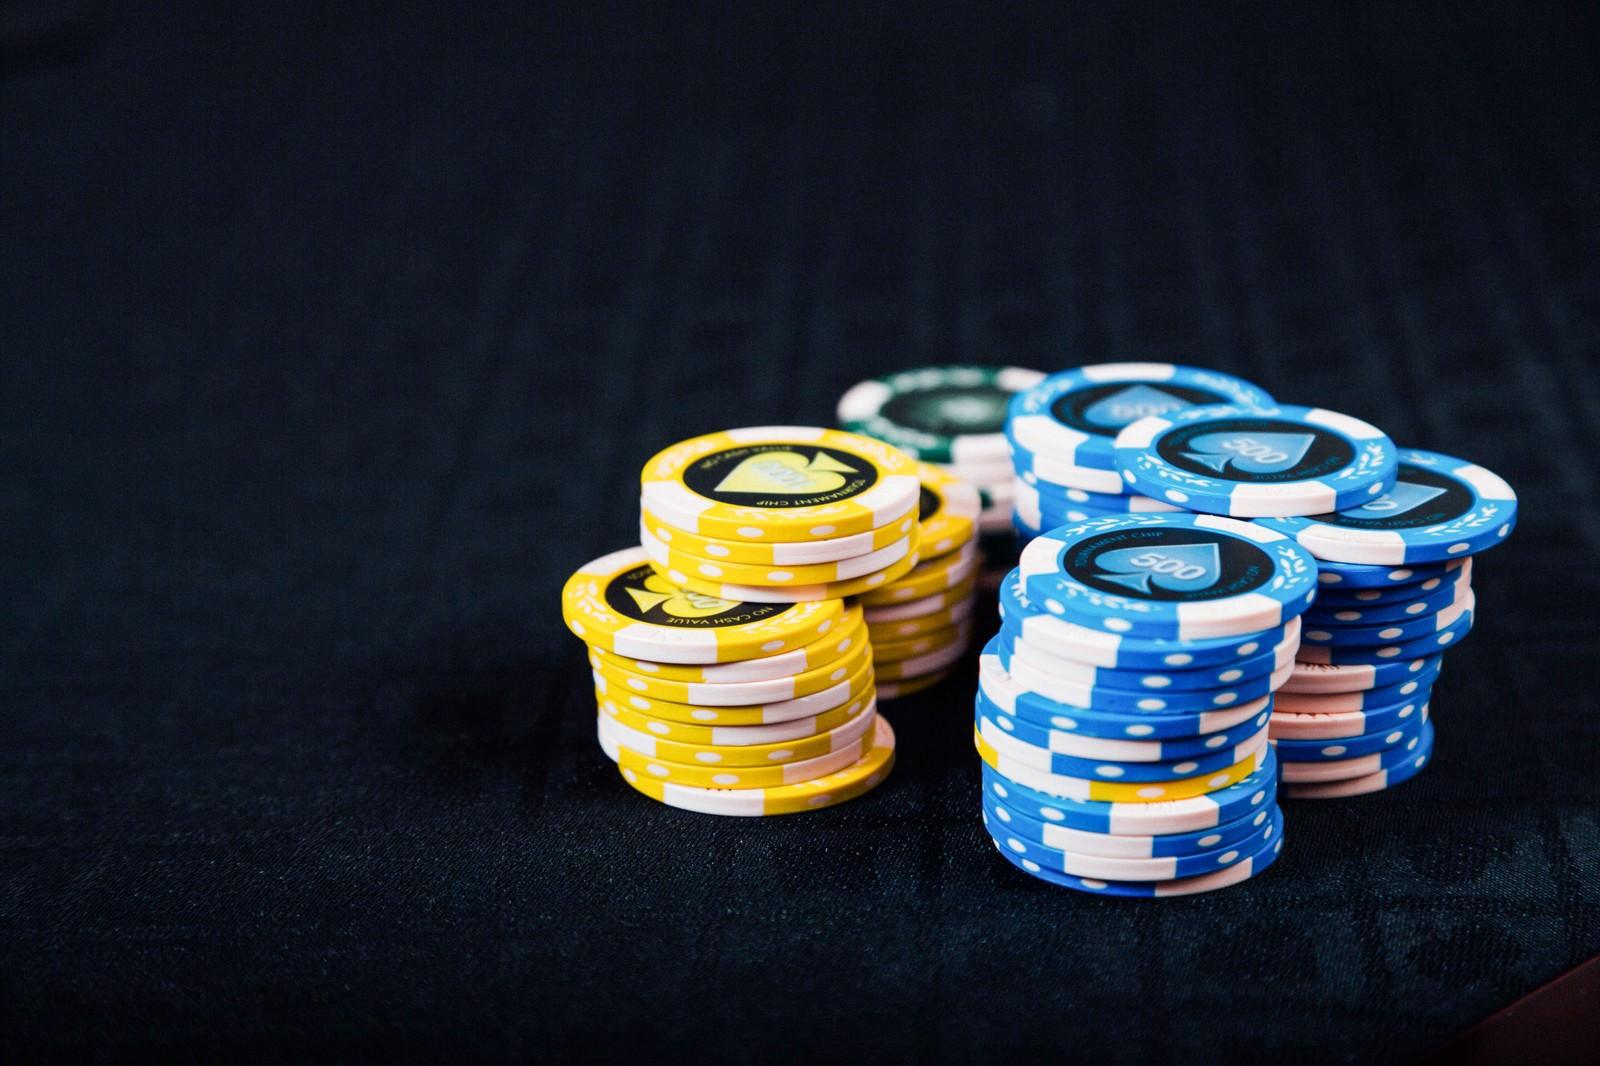 「積まれたカジノのチップ」の写真